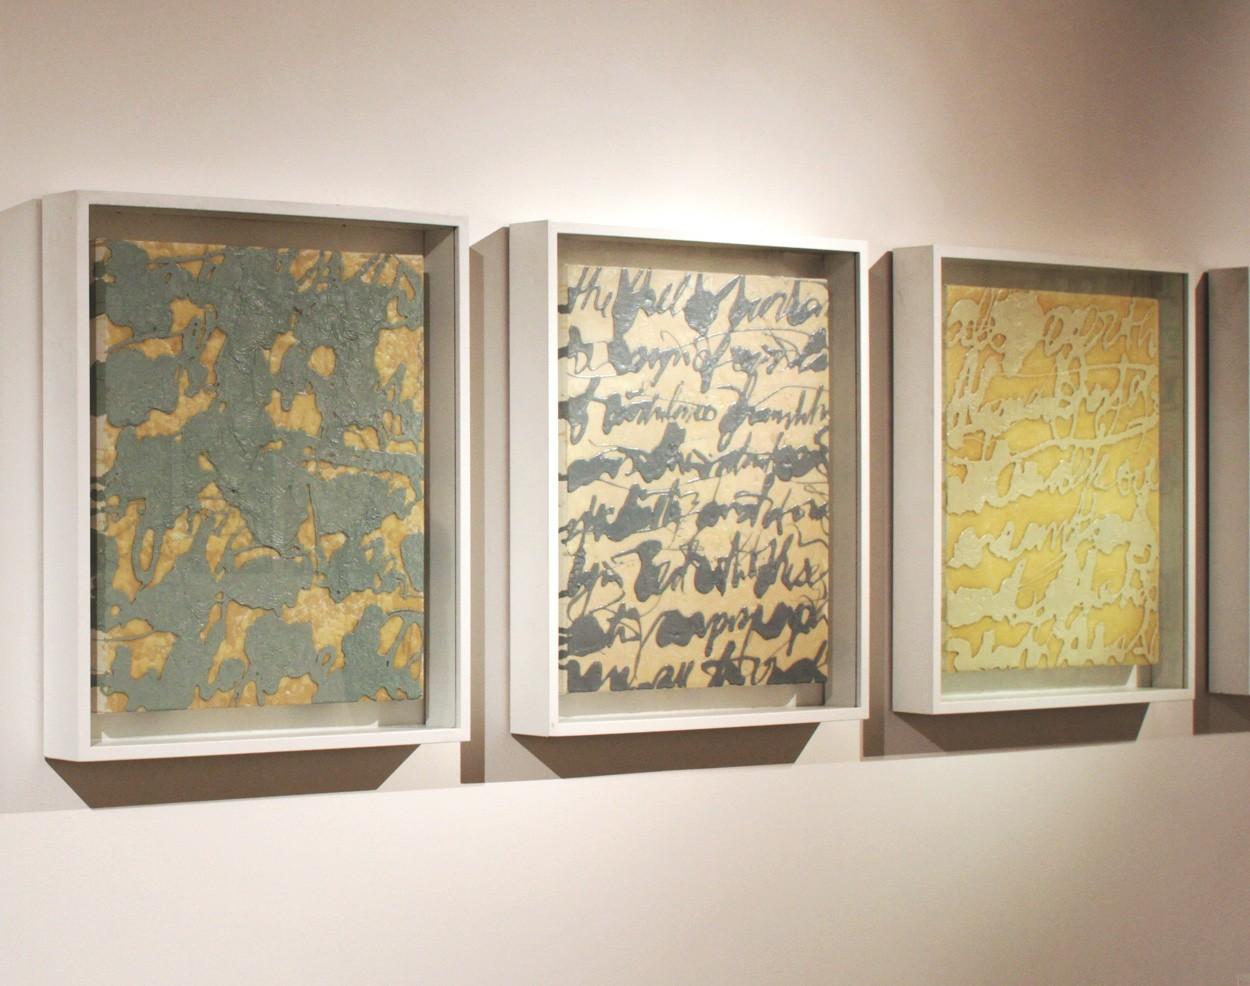 Malerei Befehlen und Erobern #16, gerahmt | Ausstellung PROPAGANDA | Künstler Marek Schovanek